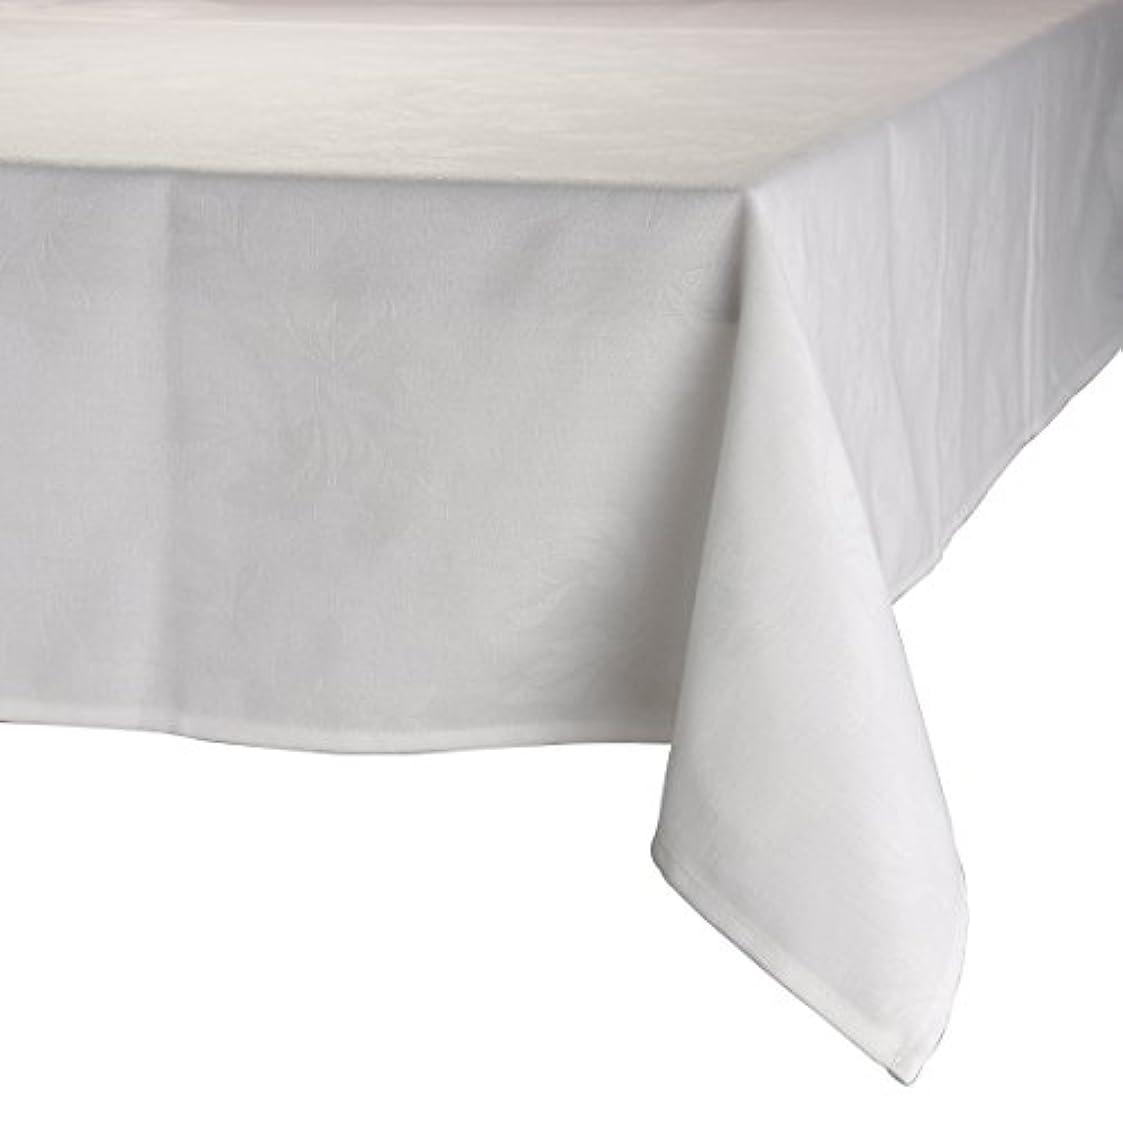 ライオネルグリーンストリートペフサスペンションMAJEST(マジェスト) テーブルクロス 長方形160cmx240cm 布地 ホワイト 花柄 繋なし 吸水タイプ